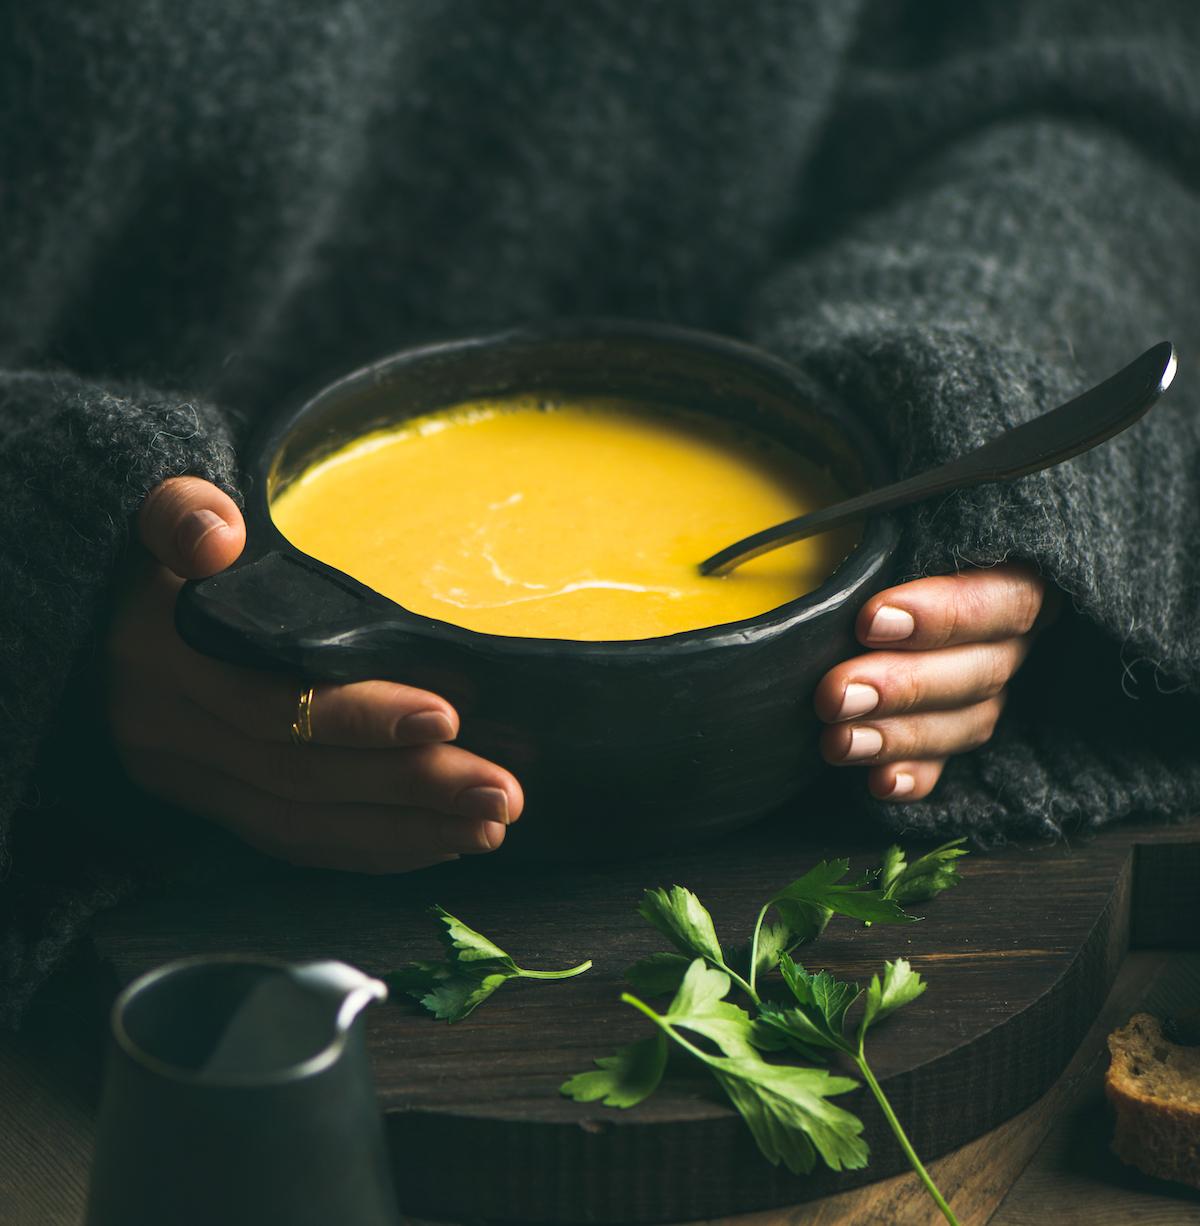 Soupe de légumes © Foxys Forest Manufacture shutterstock